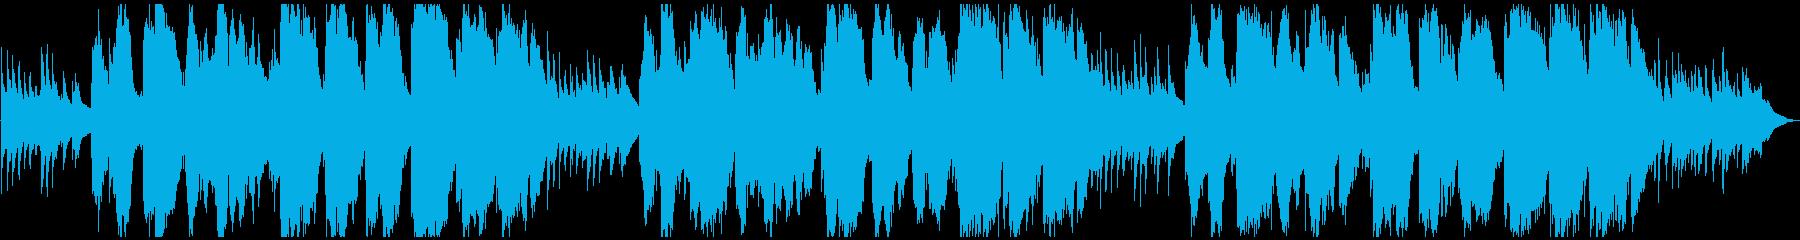 サックスのクラシックなクリスマスキャロルの再生済みの波形